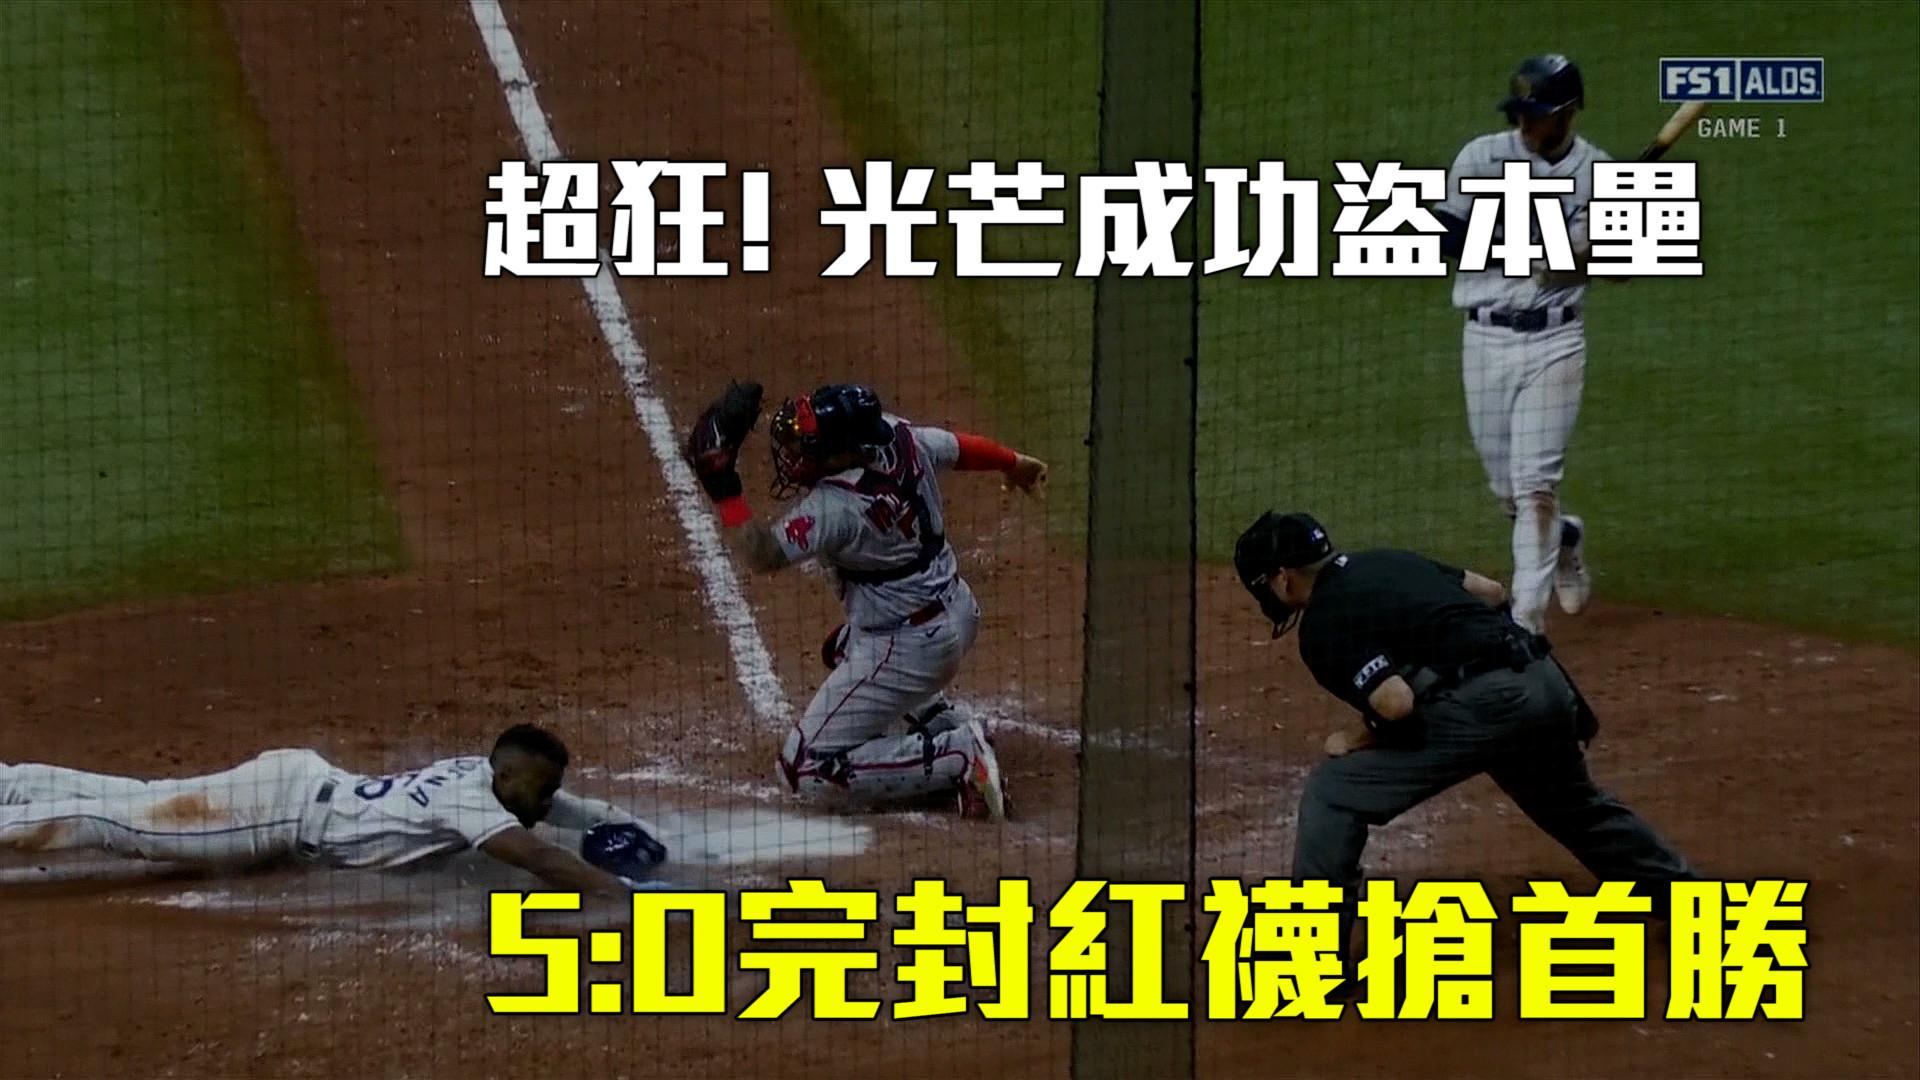 【MLB看愛爾達】紅襪火力遭壓制 光芒5:0完封搶首勝 10/8